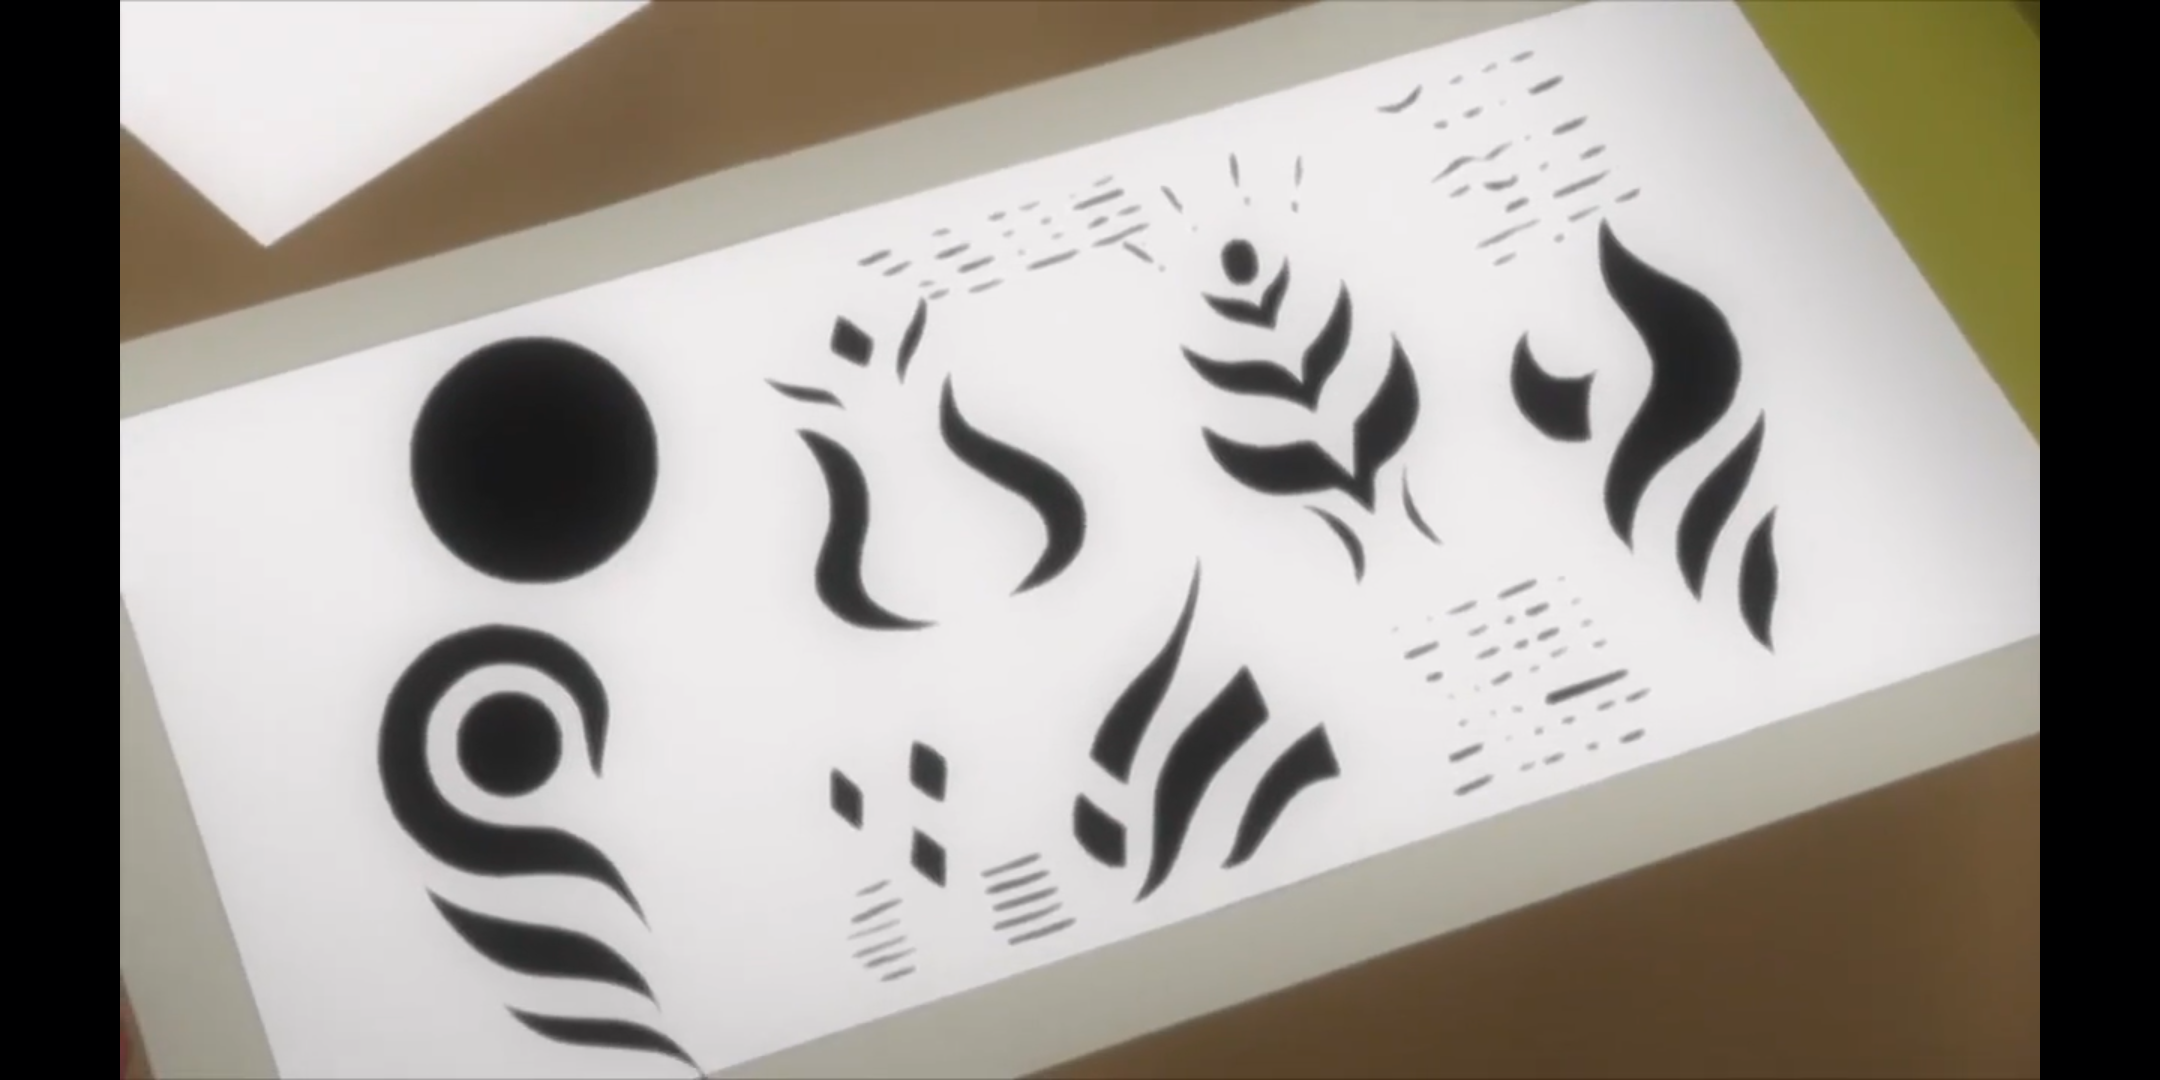 Episódio 176 de Boruto - Símbolos da organização Kara